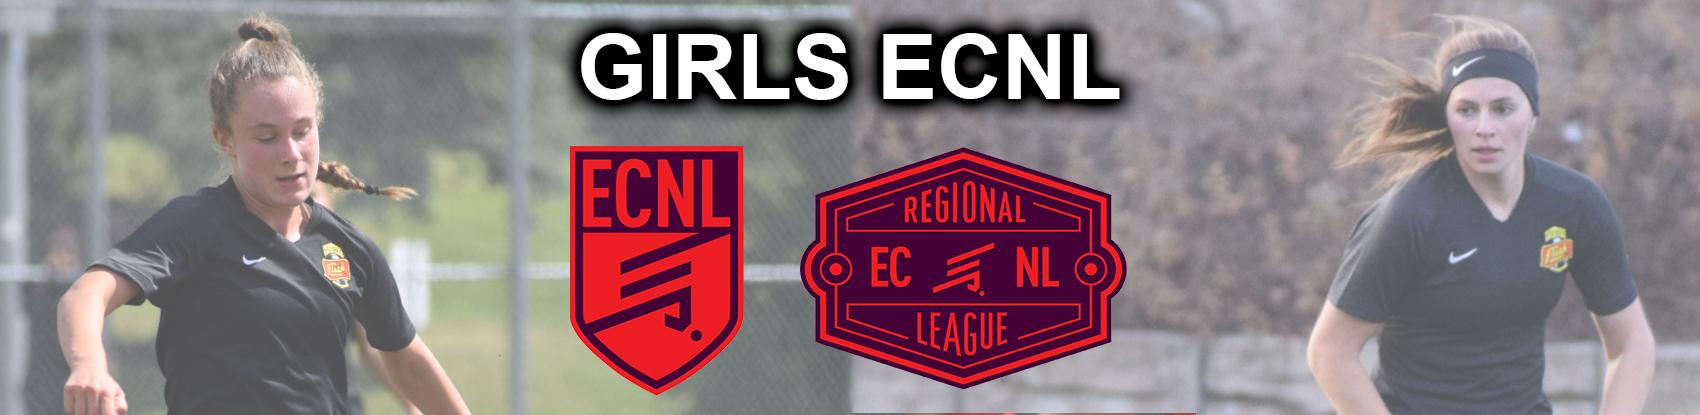 GirlsECNL